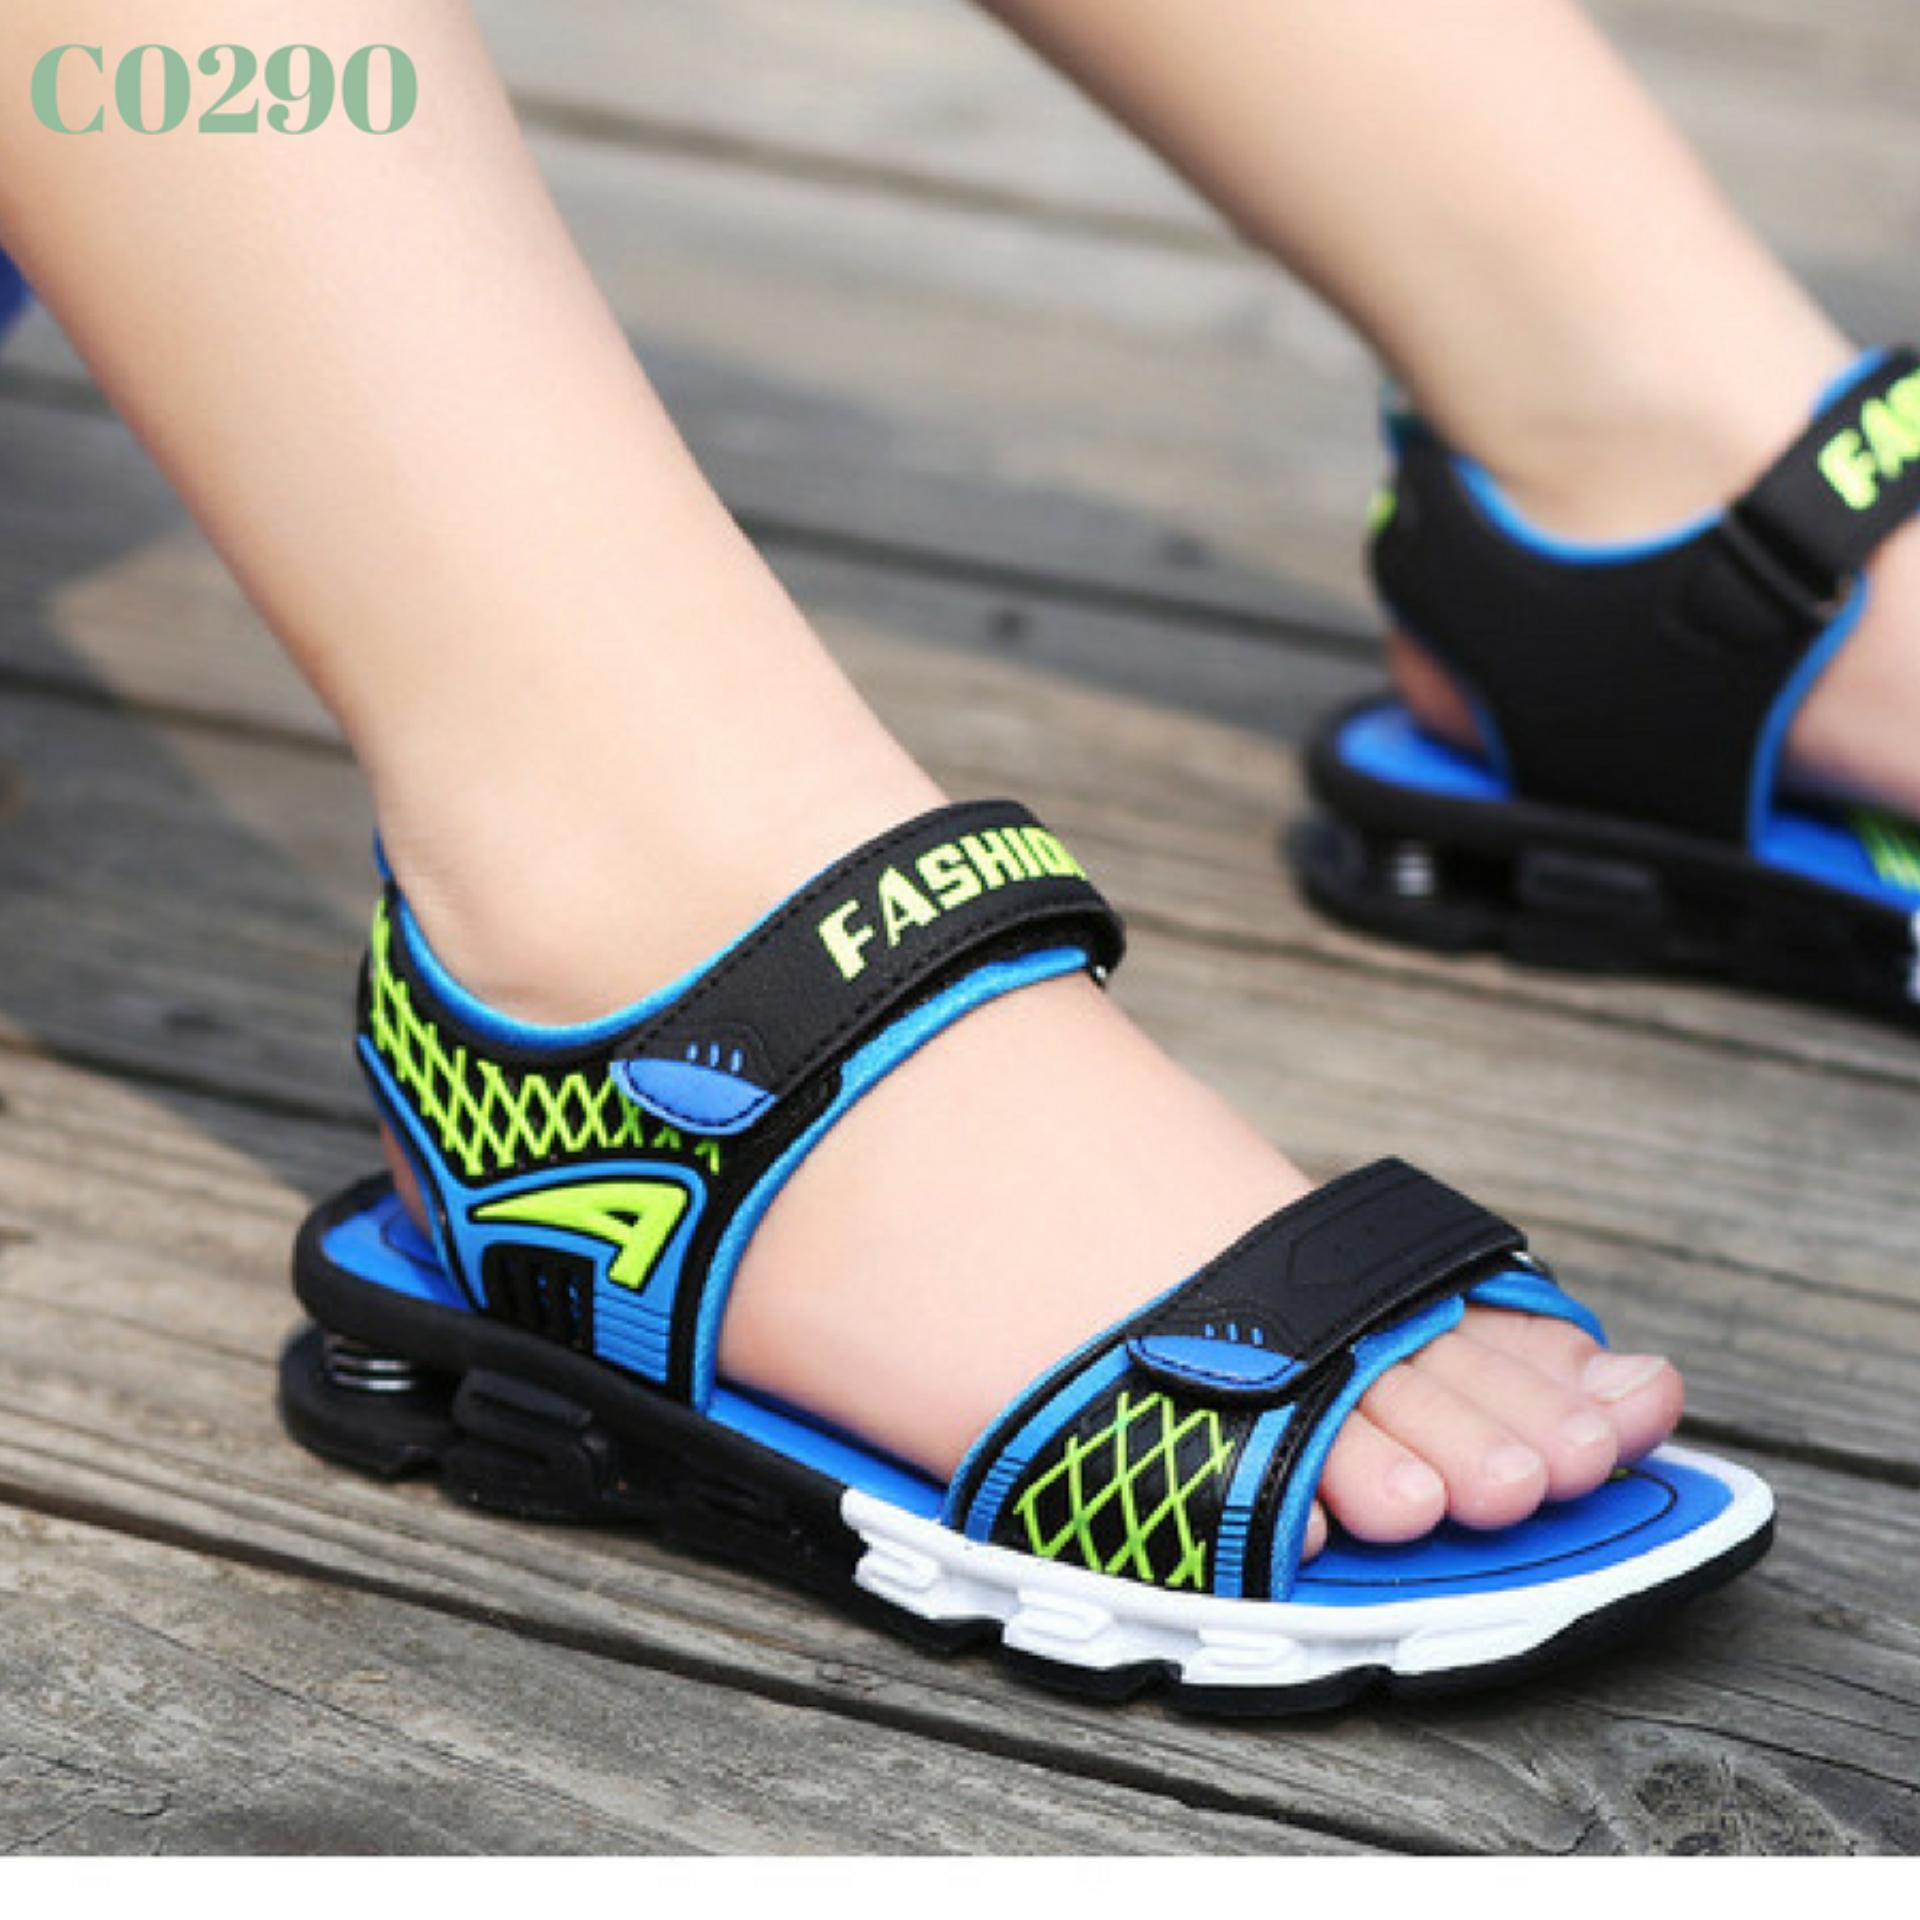 Giày sandal bé trai lò xo cực êm – xanh